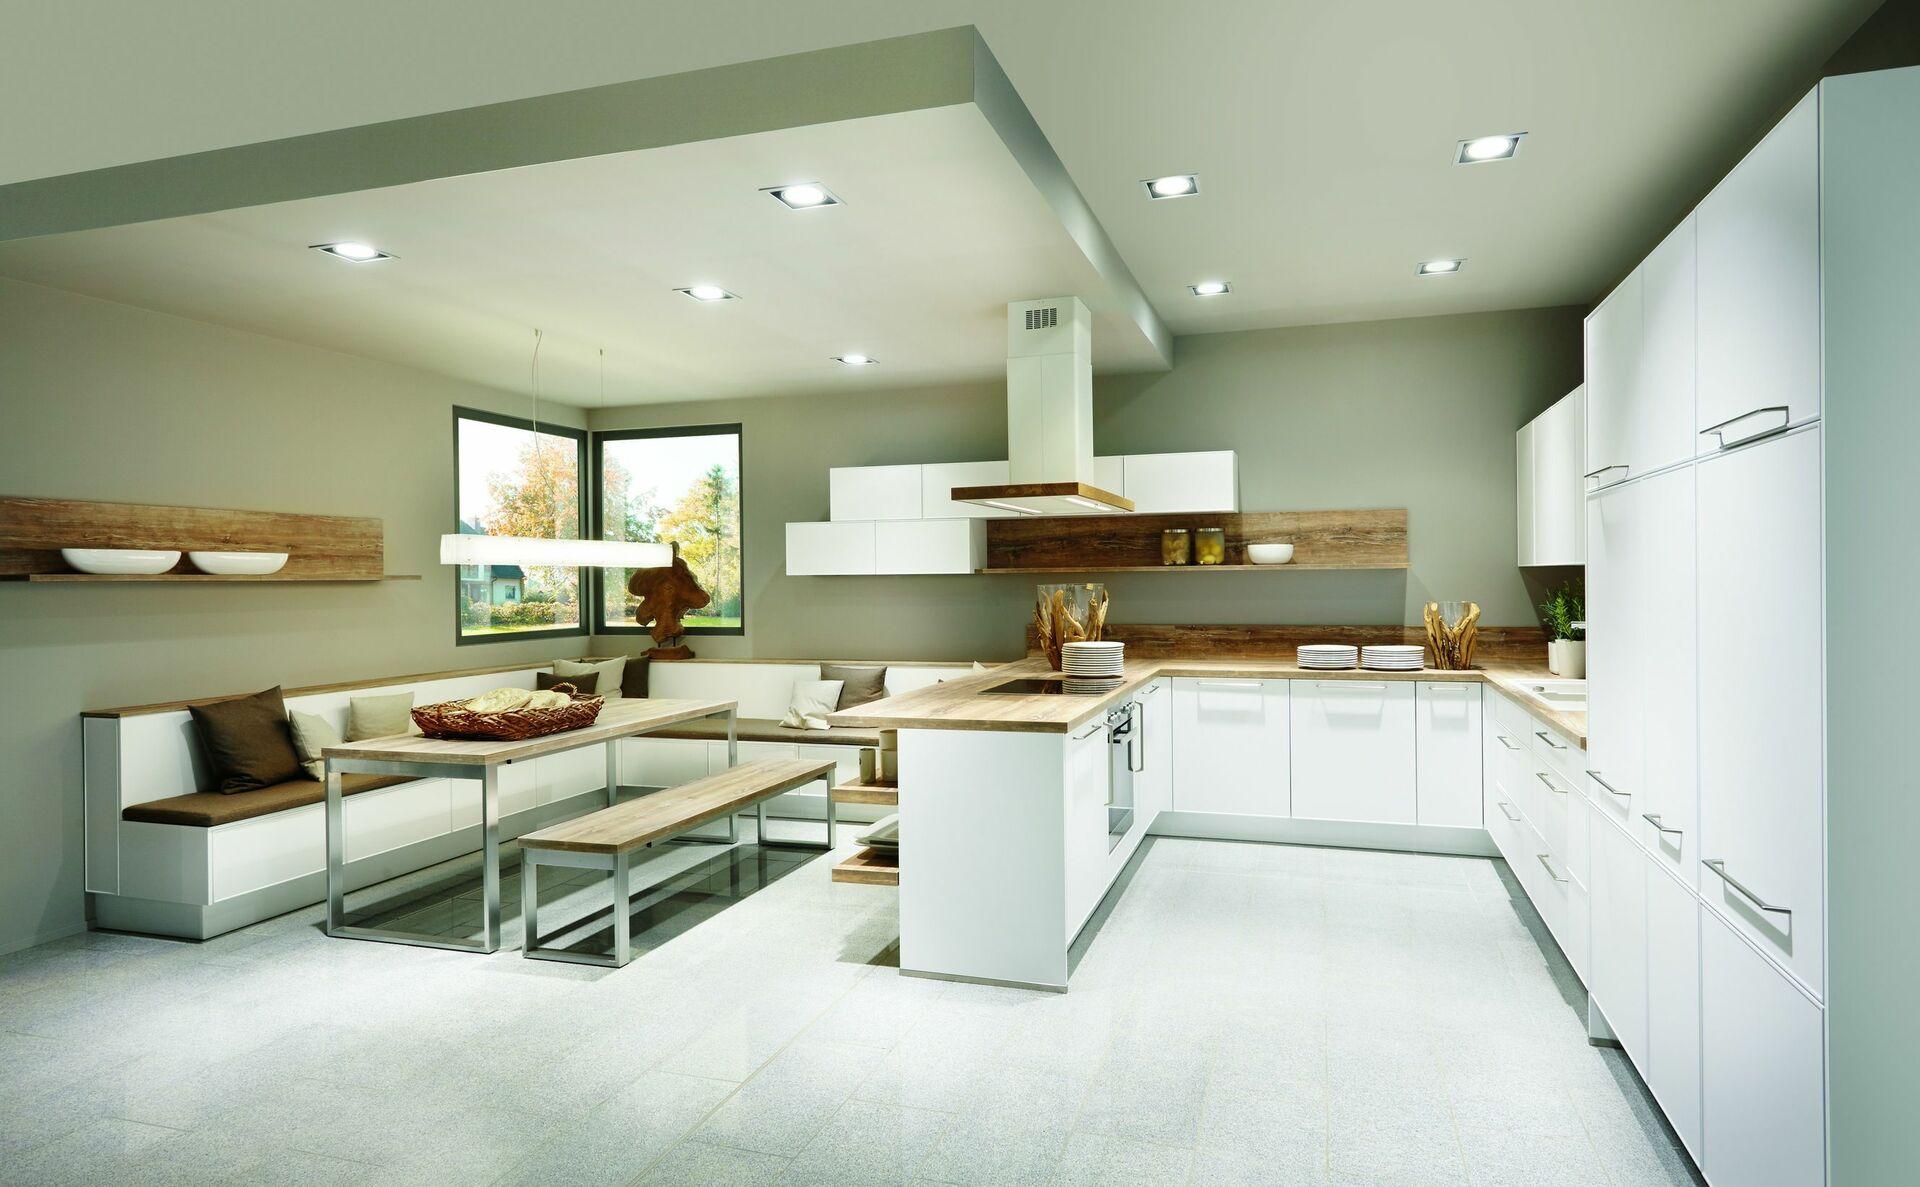 Wohnküchen  Wohnküche: Was ist bei der Planung offener Küchen zu beachten?